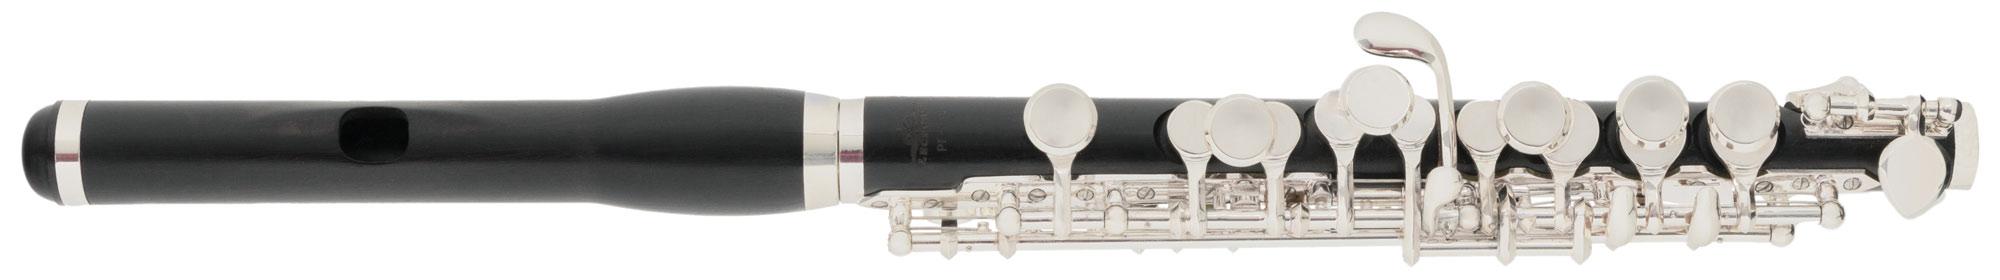 Sonstigeblasinstrumente - Lechgold PF 530 Piccoloflöte - Onlineshop Musikhaus Kirstein